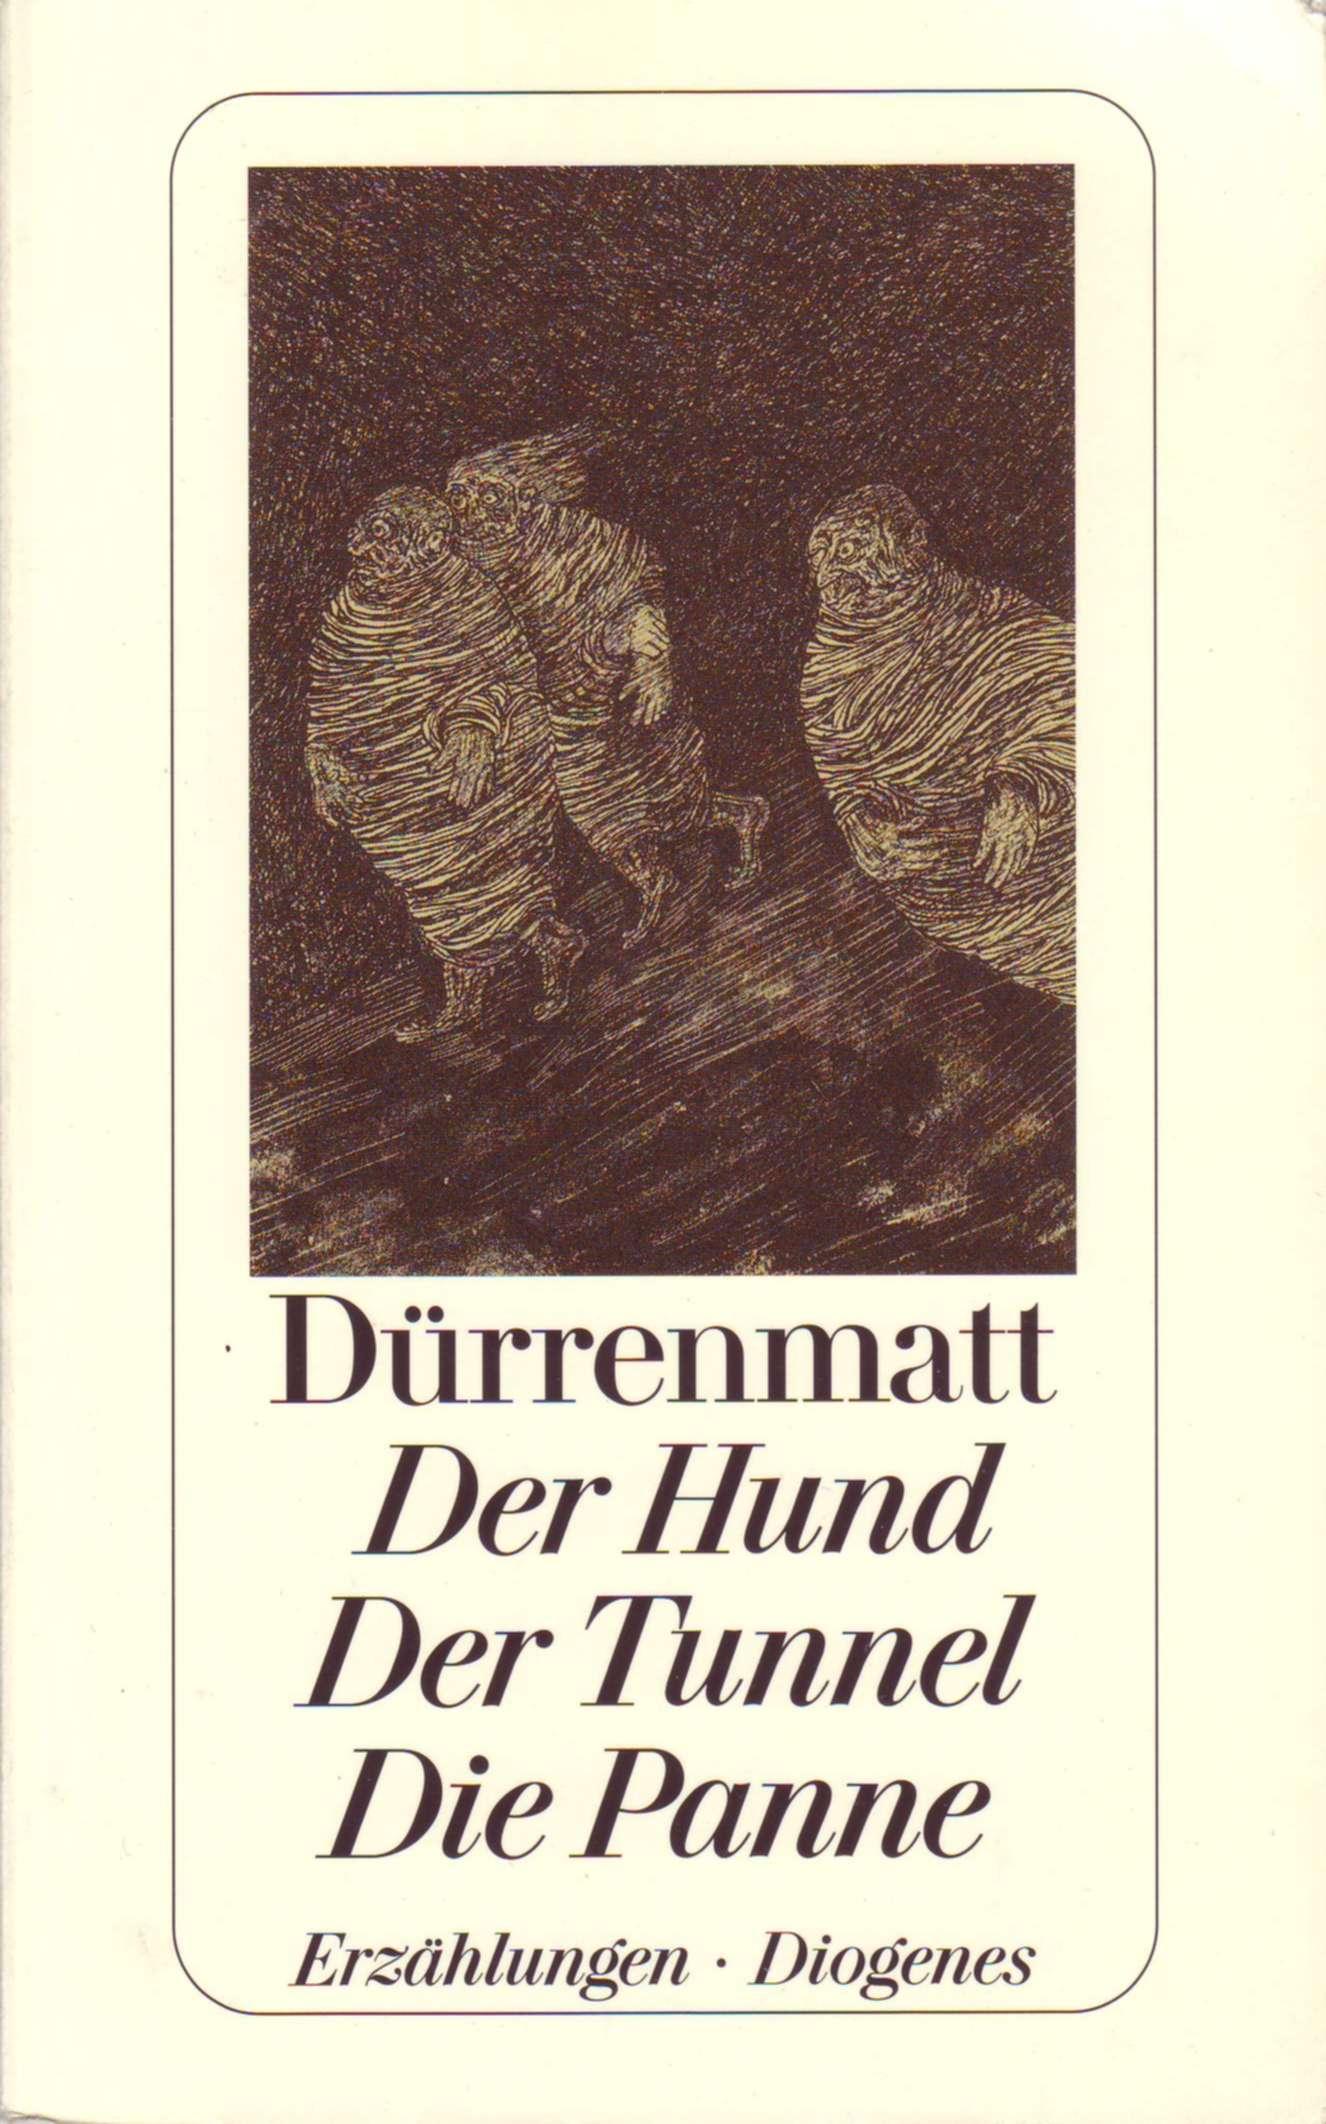 Der Hund - Der Tunnel - Die Panne